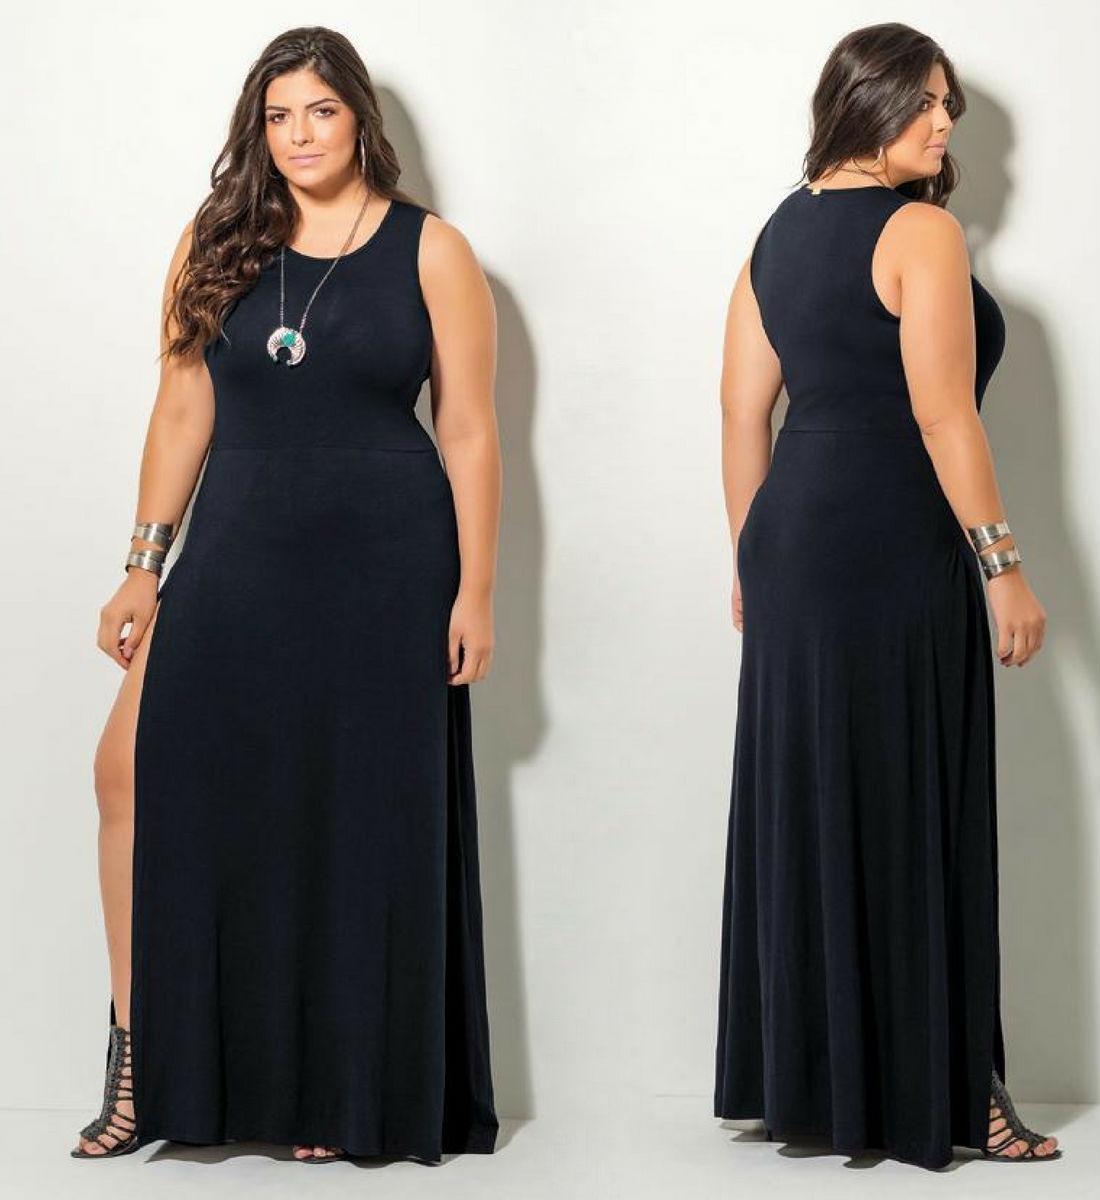 e9e237bf1 vestido de festa moda evangélica plus size longo preto lindo. Carregando  zoom.